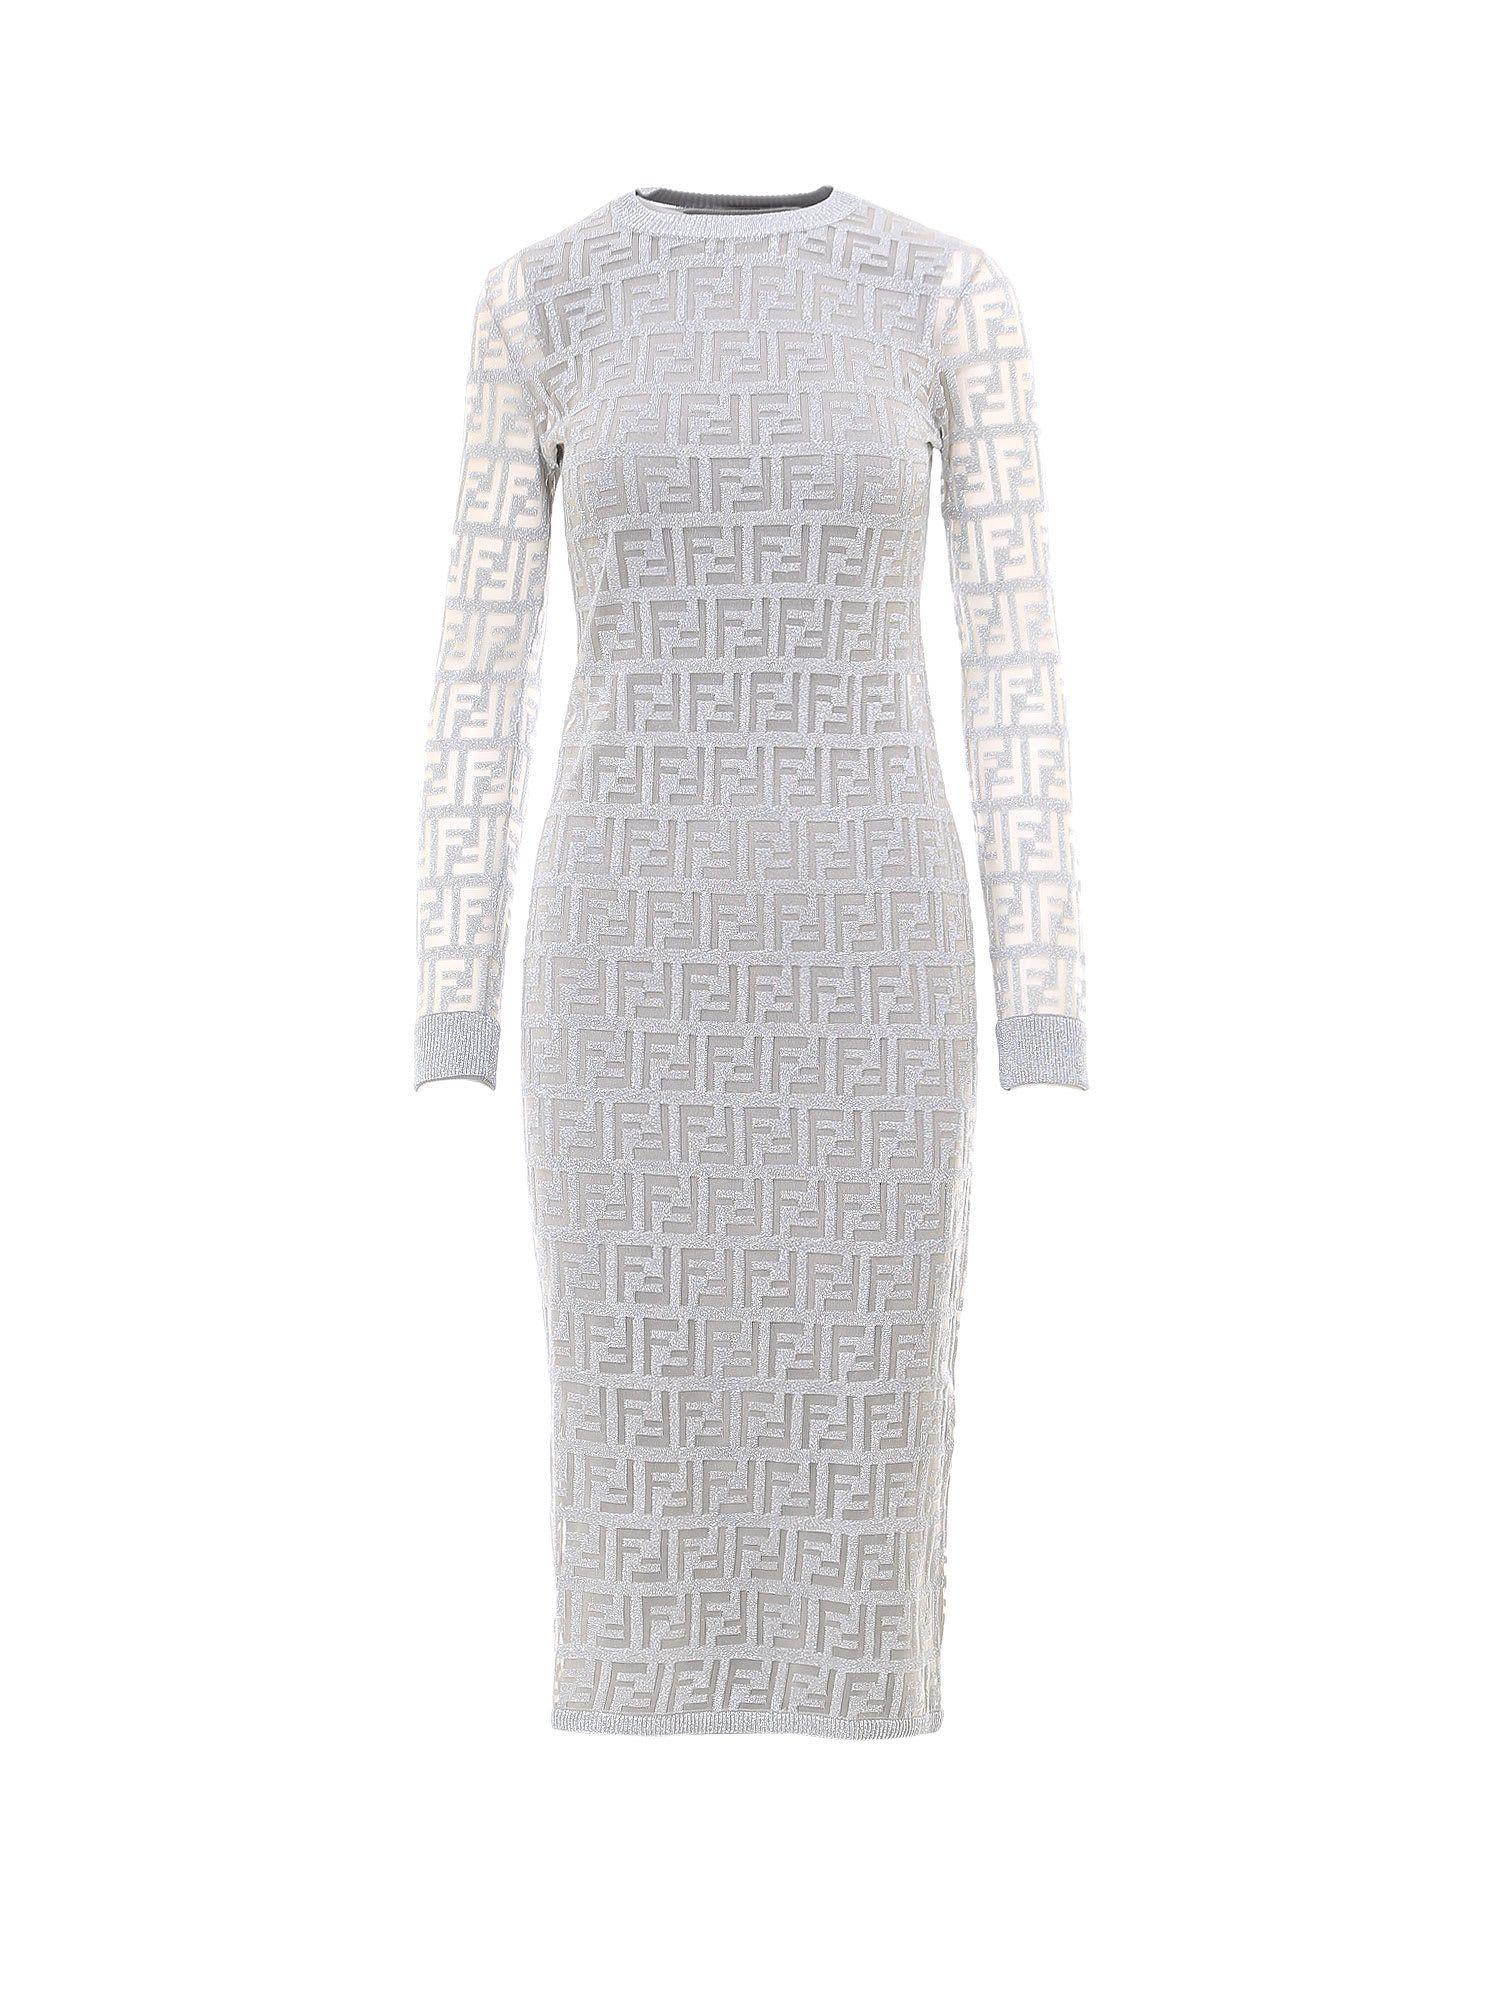 Best Price On The Market At Italist Fendi Fendi Dress In 2020 Fendi Dress Dresses Lurex Dress [ 2000 x 1499 Pixel ]